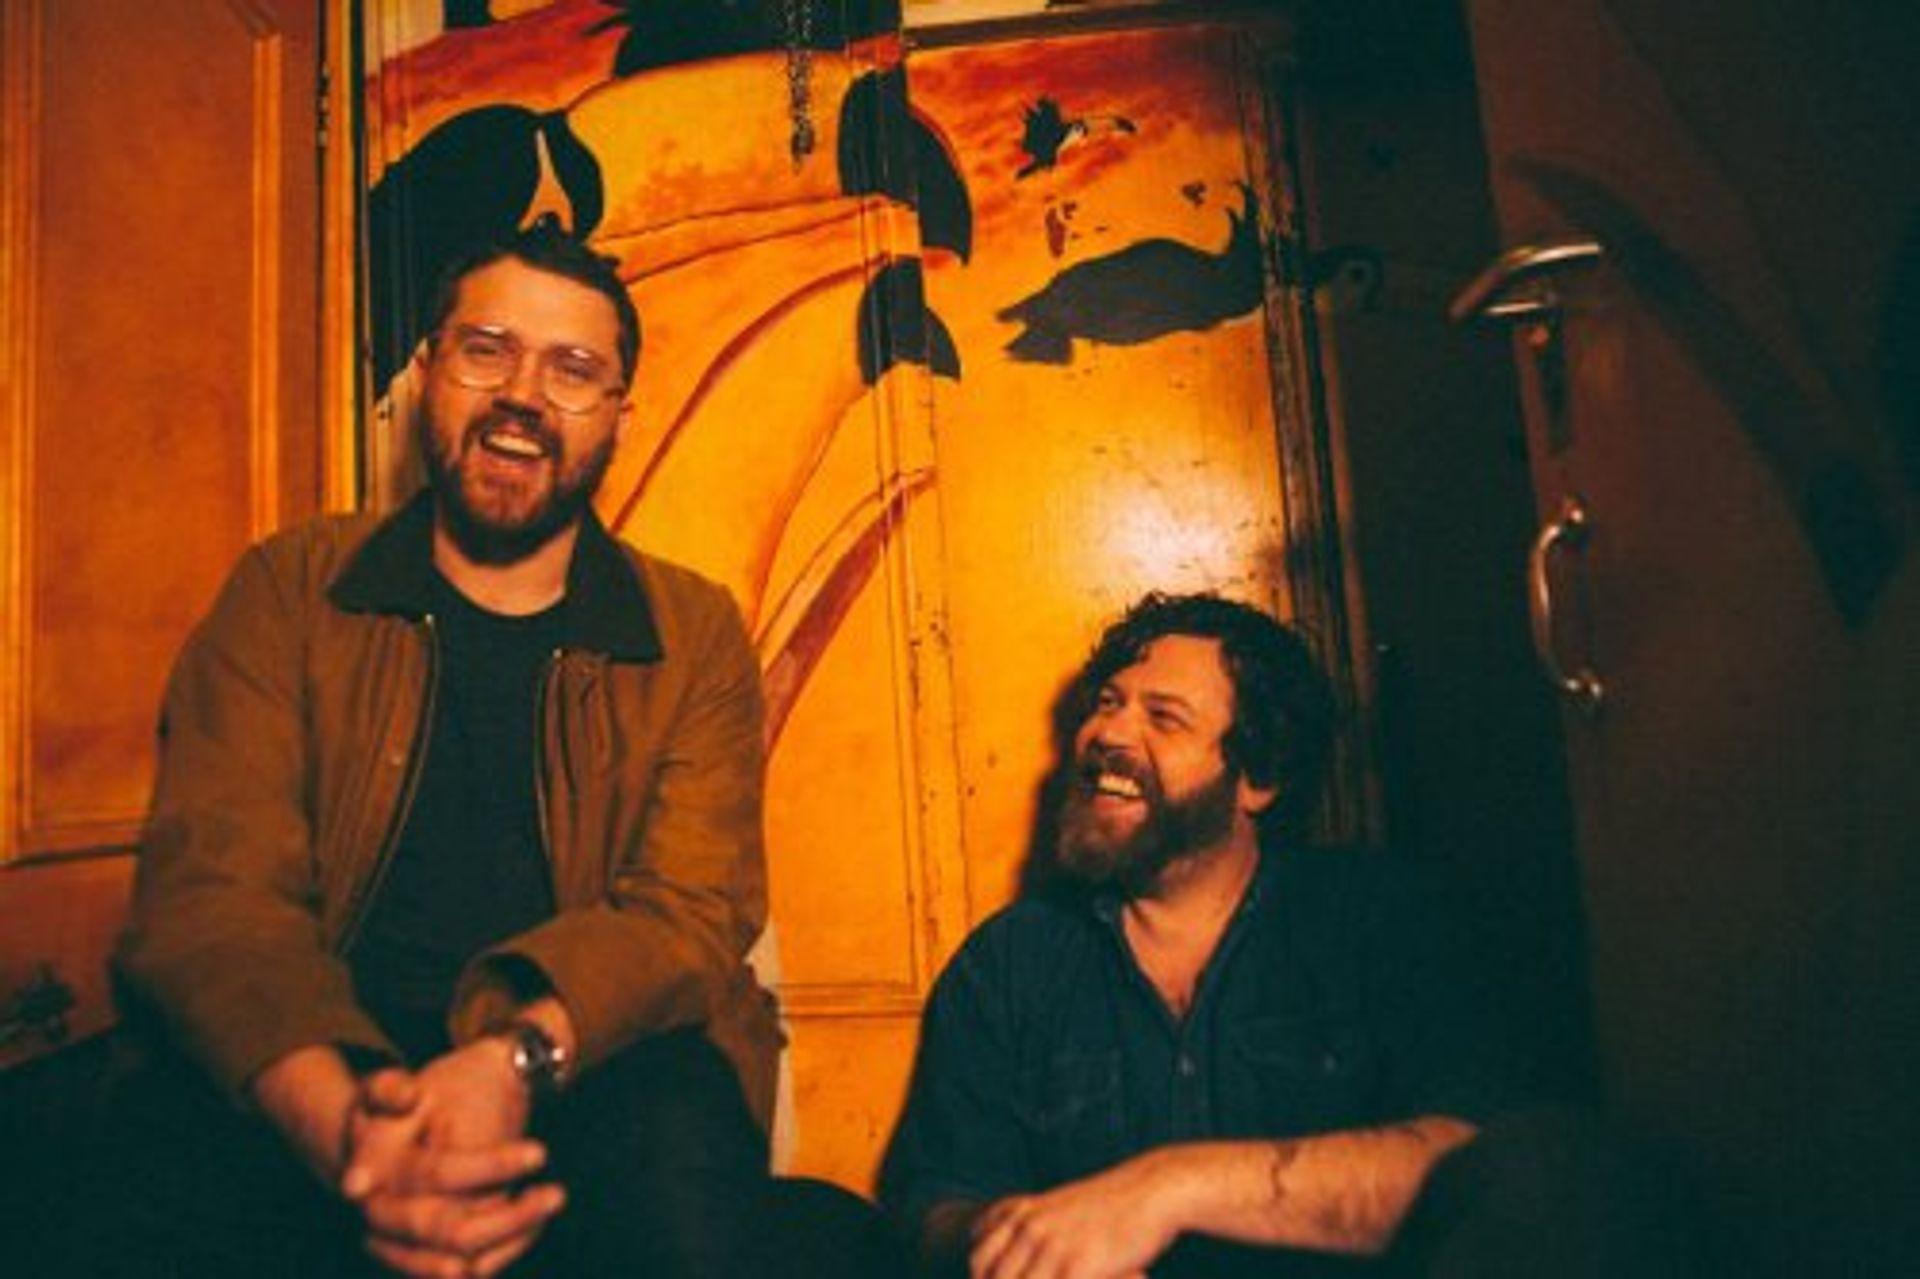 Bear's Den verstopte een geheime boodschap op hun nieuwe album